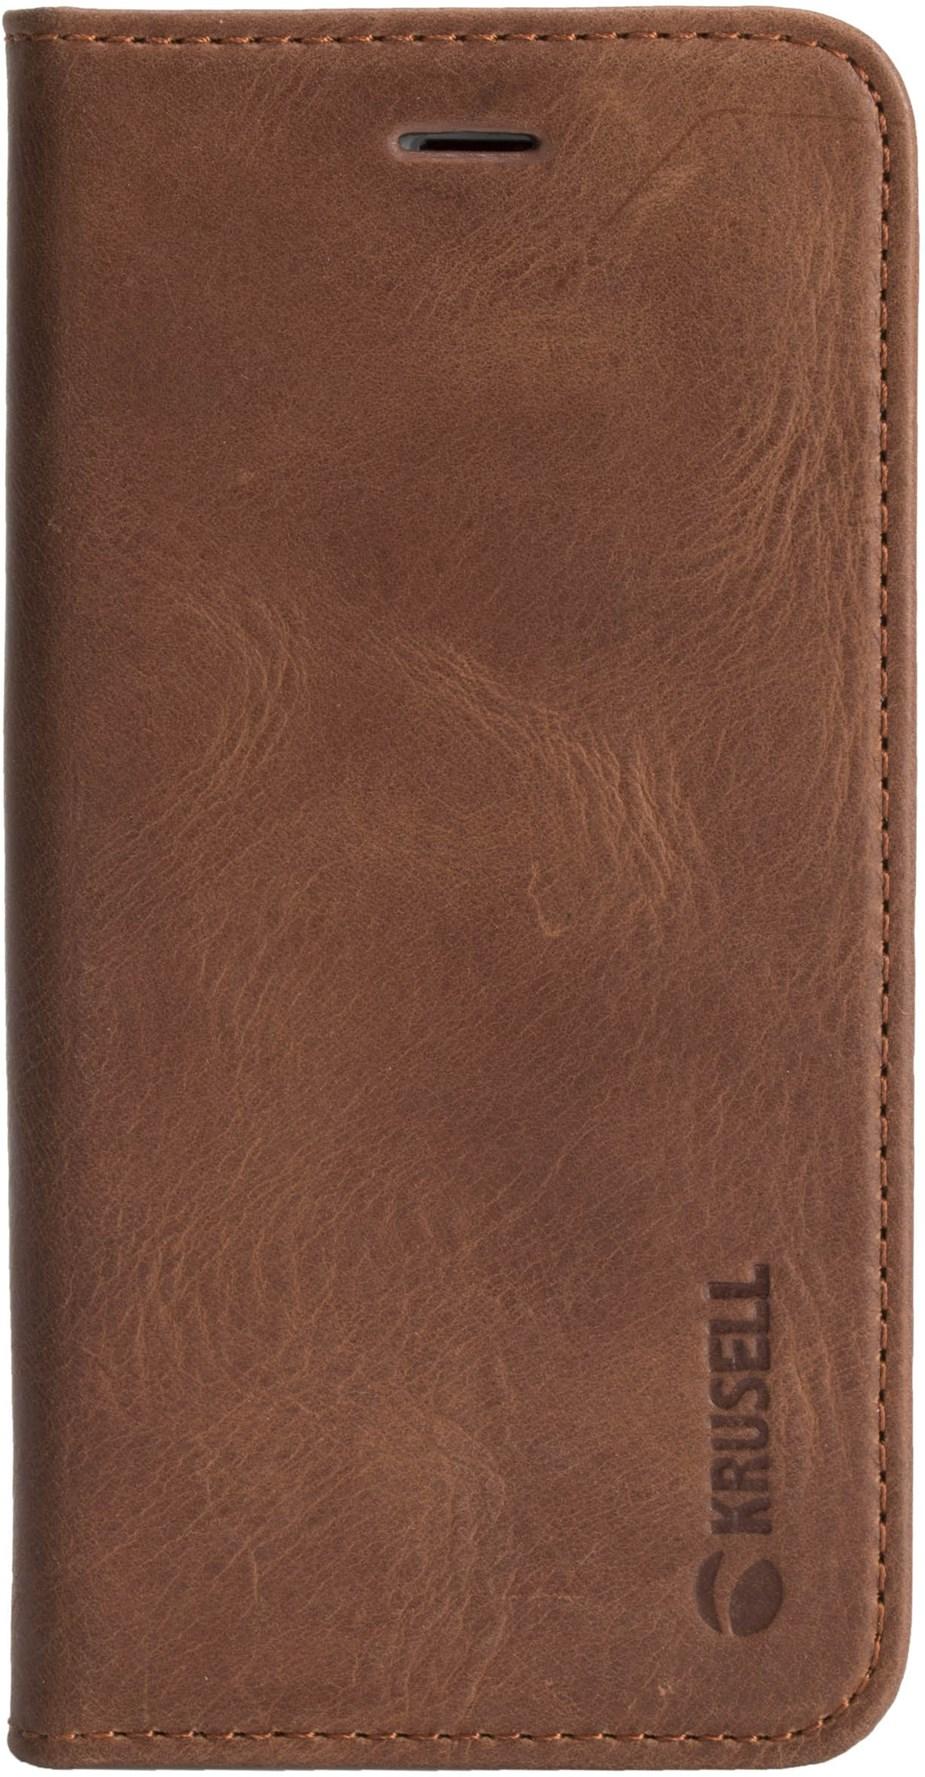 Krusell Sunne 4 Card Foliowallet Iphone 7/8 Vintage Cognac